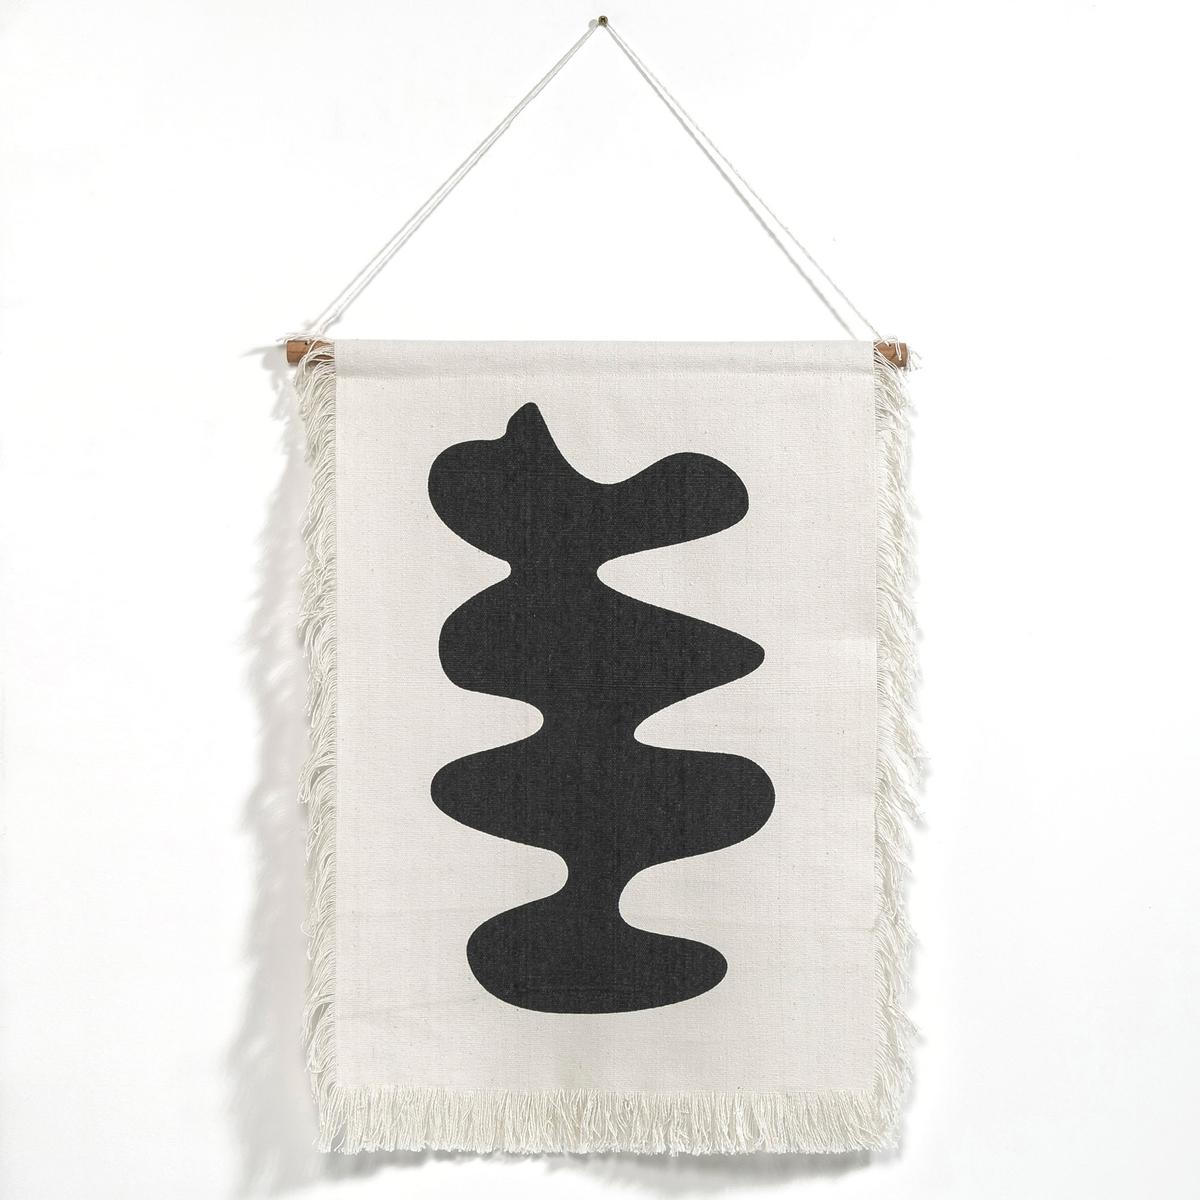 Подвесное настенное панно MariniaraДекоративное настенное панно Mariniara. В стиле настенных ковров, подвесное, из 100% цветного хлопка. 3 разных рисунка Вы найдете на сайте. Отделка бахромой. Багет из сосны, отделка шнуром из хлопка. Разм. : шир. 50 x В.70 см.<br><br>Цвет: разноцветный